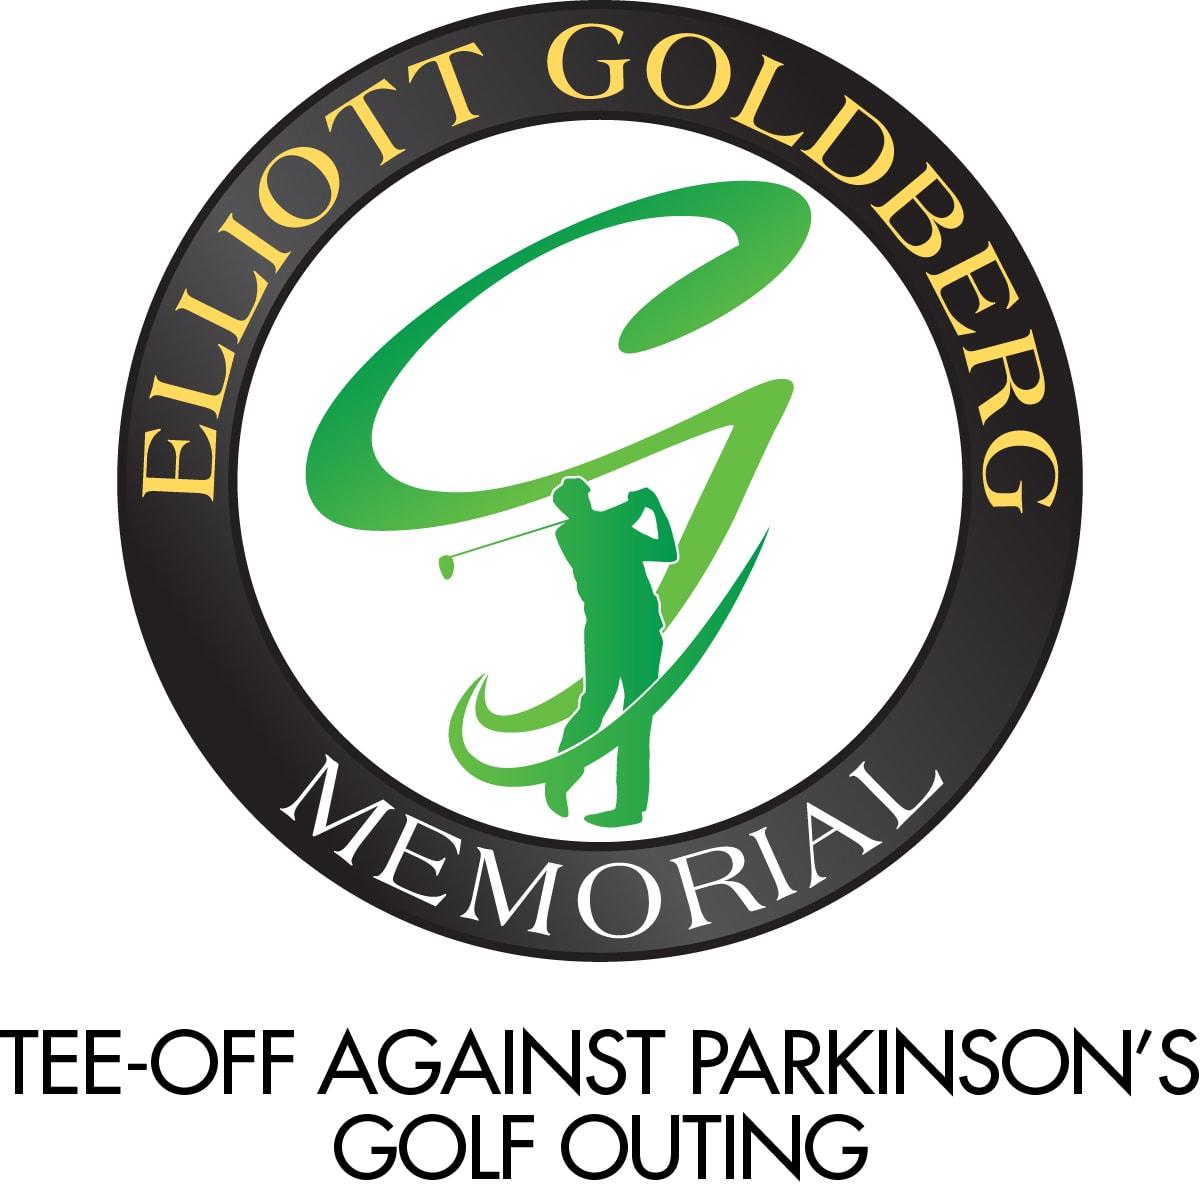 elliott goldberg memorial golf